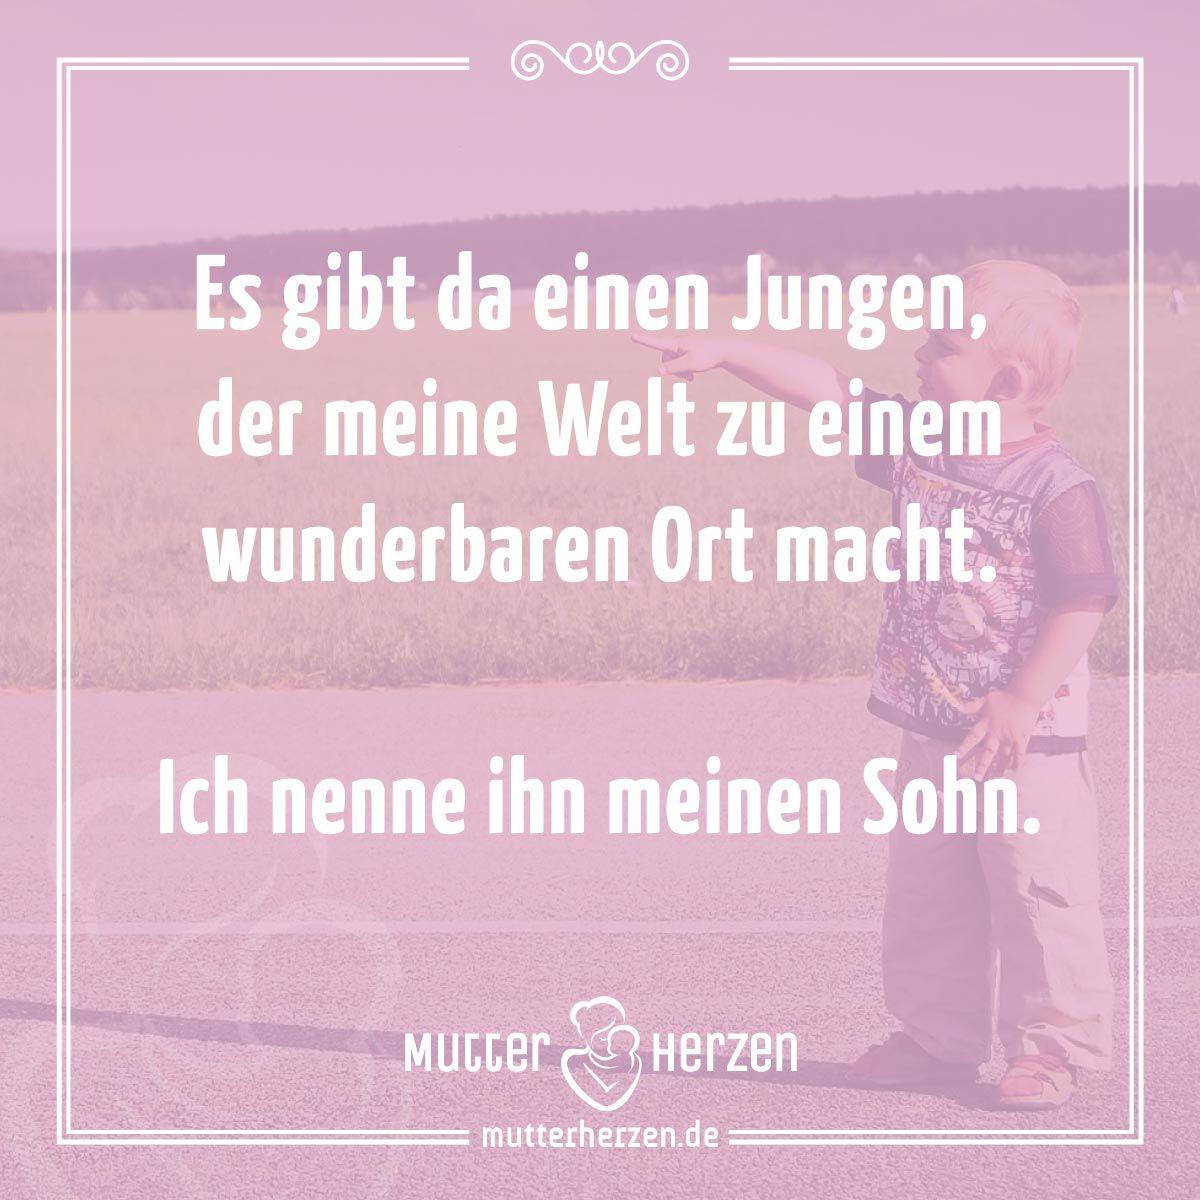 mehr schöne sprüche auf: www.mutterherzen.de #sohn #kind #mutter